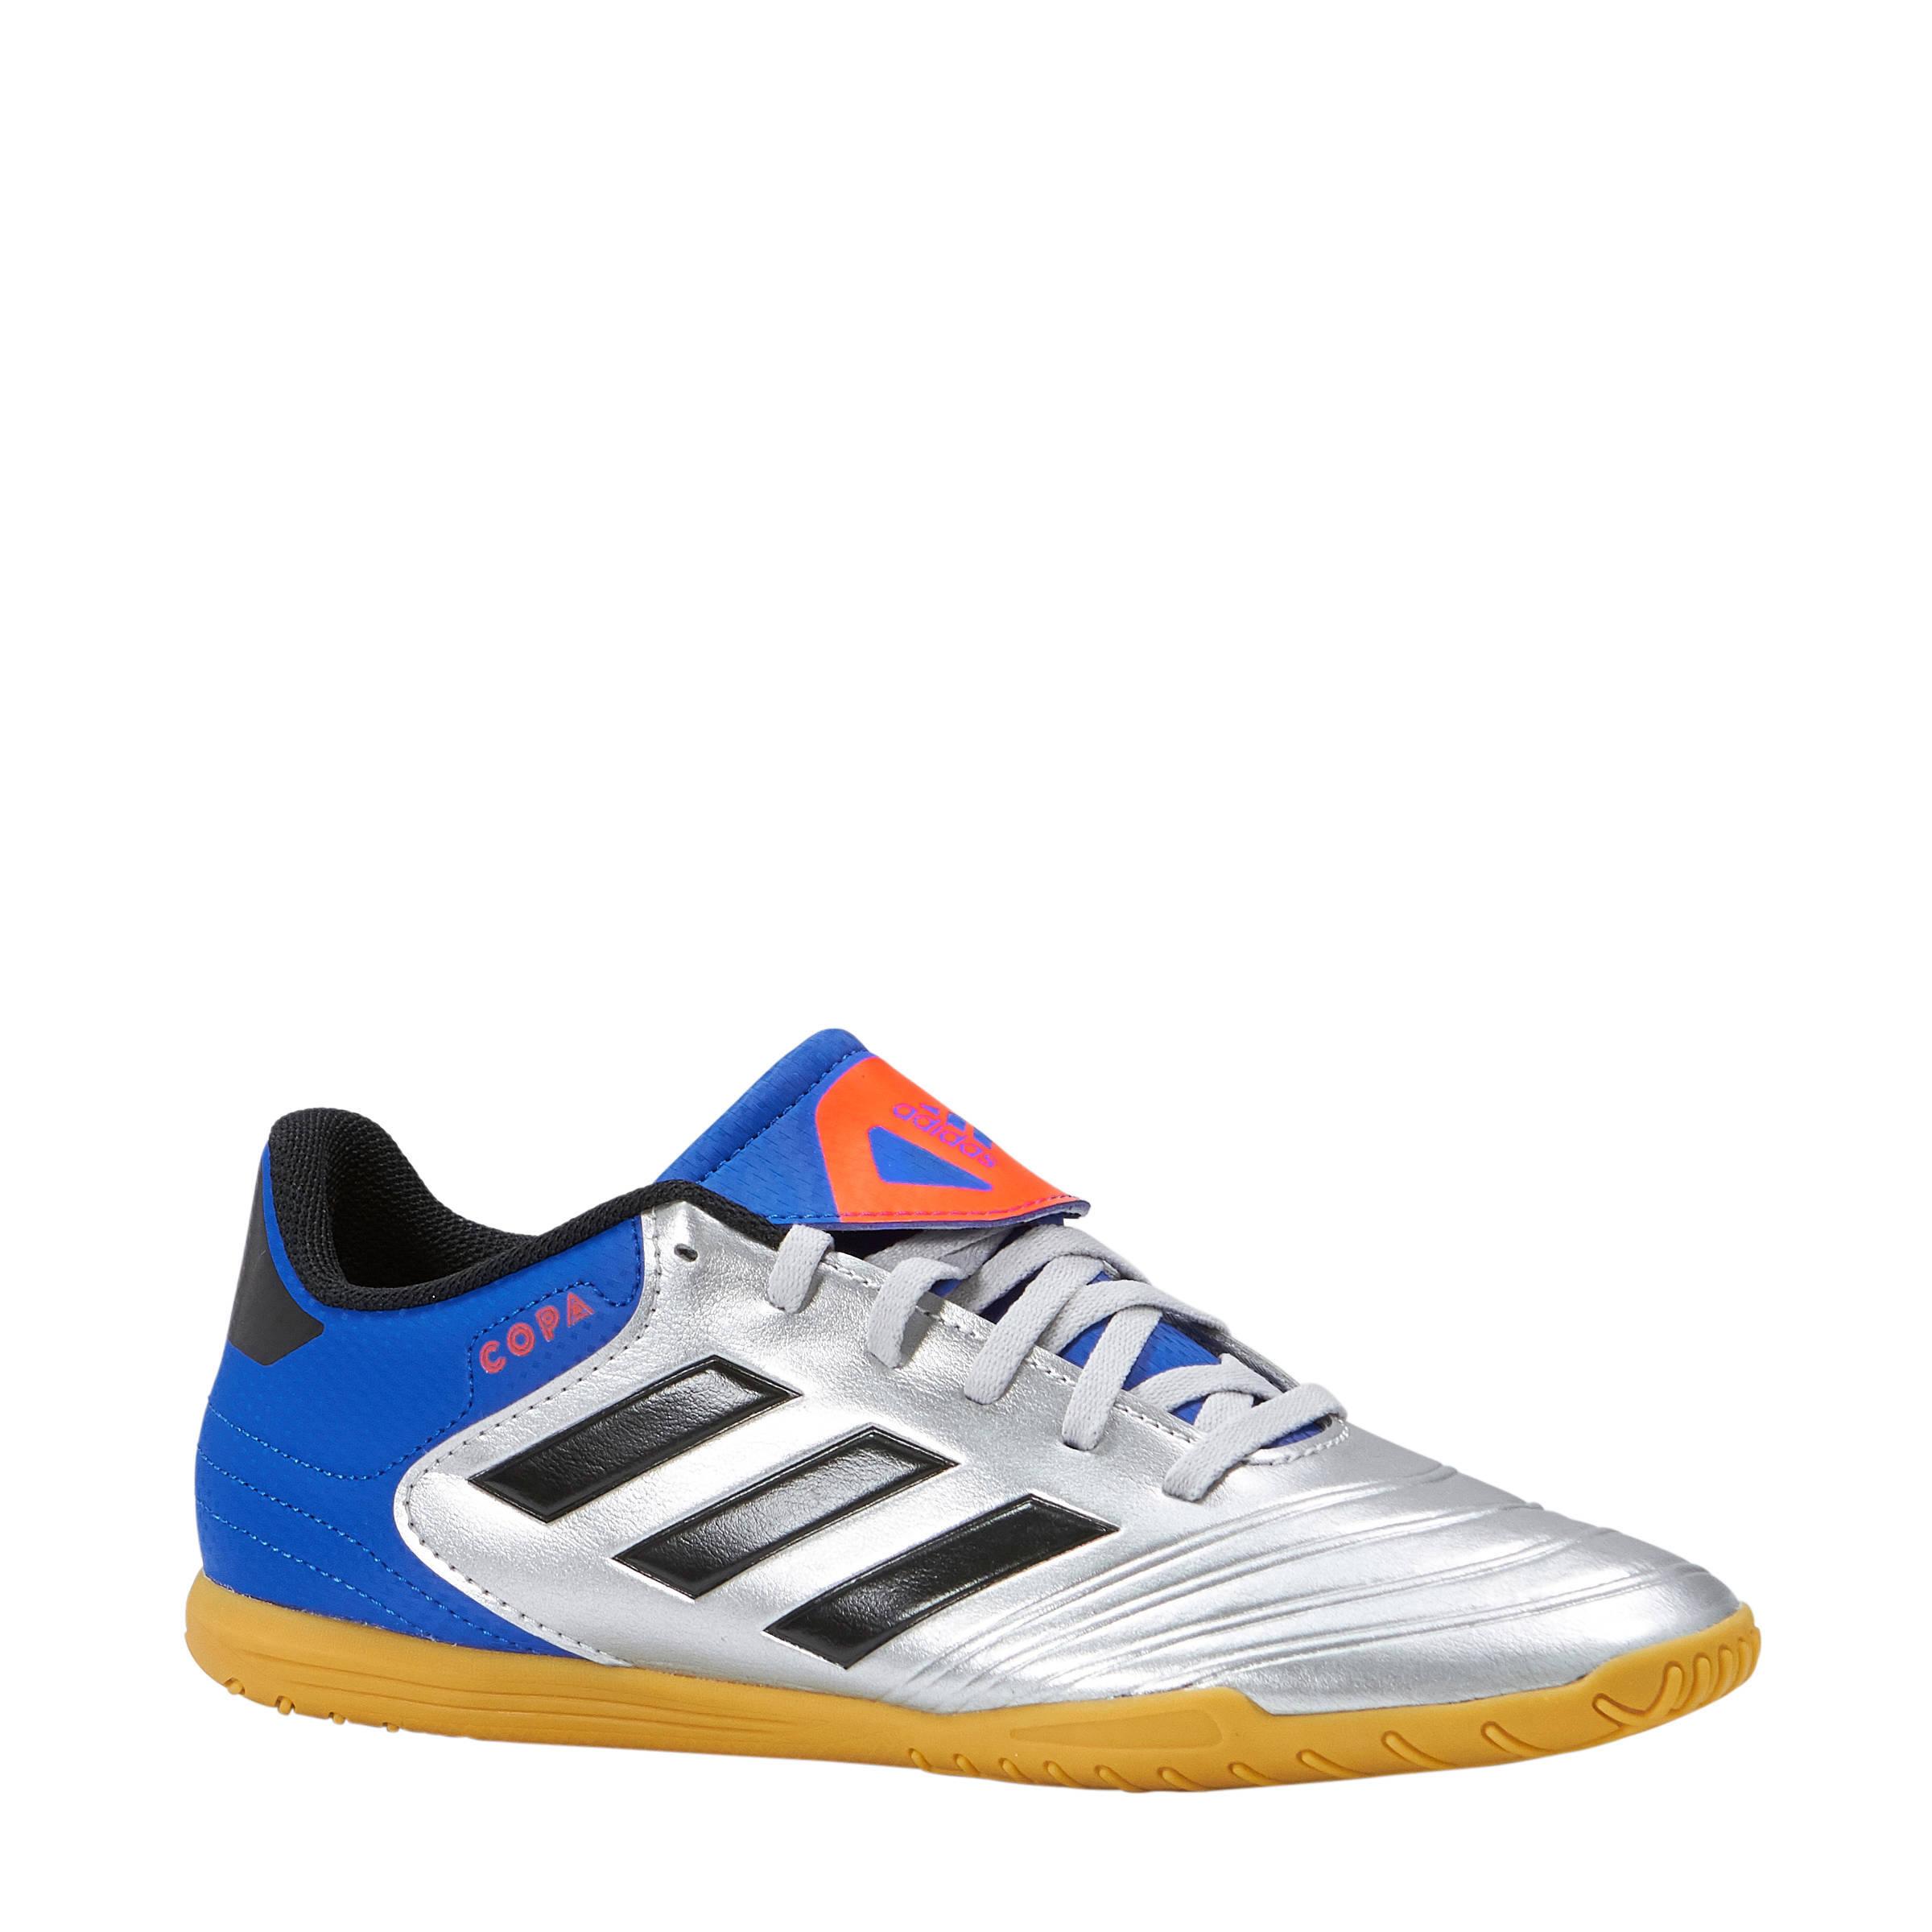 3e75904a4da adidas -performance-copa-tango-18-4-in-zaalvoetbalschoenen-zilver-zilver-4059811863720.jpg